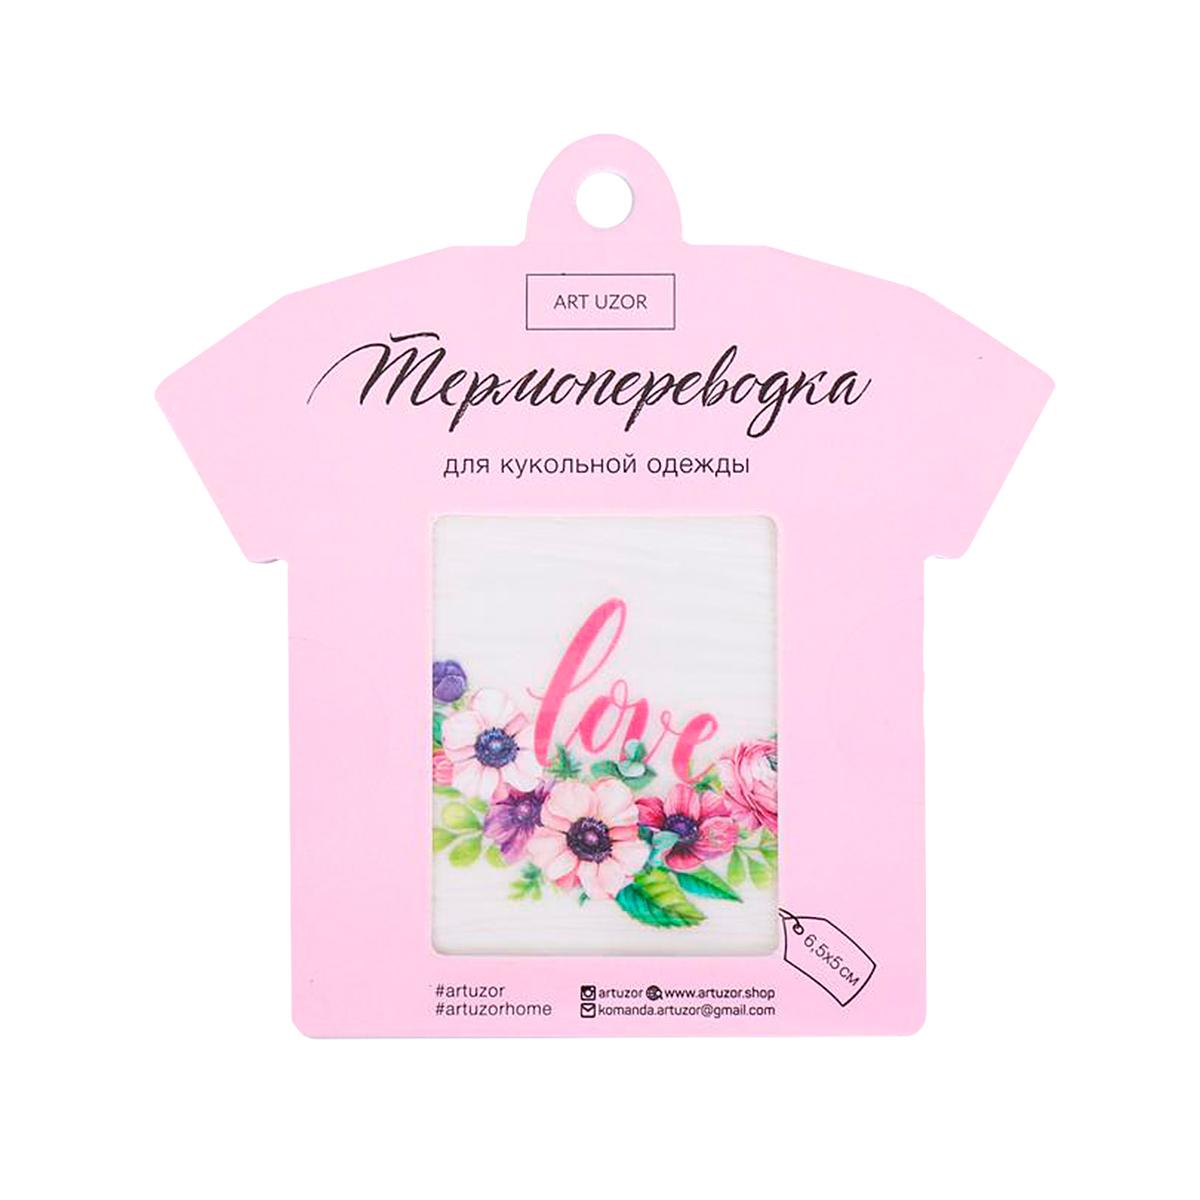 4048285 Термопереводка для кукольной одежды «Цветочное настроение», 6.5*5 см